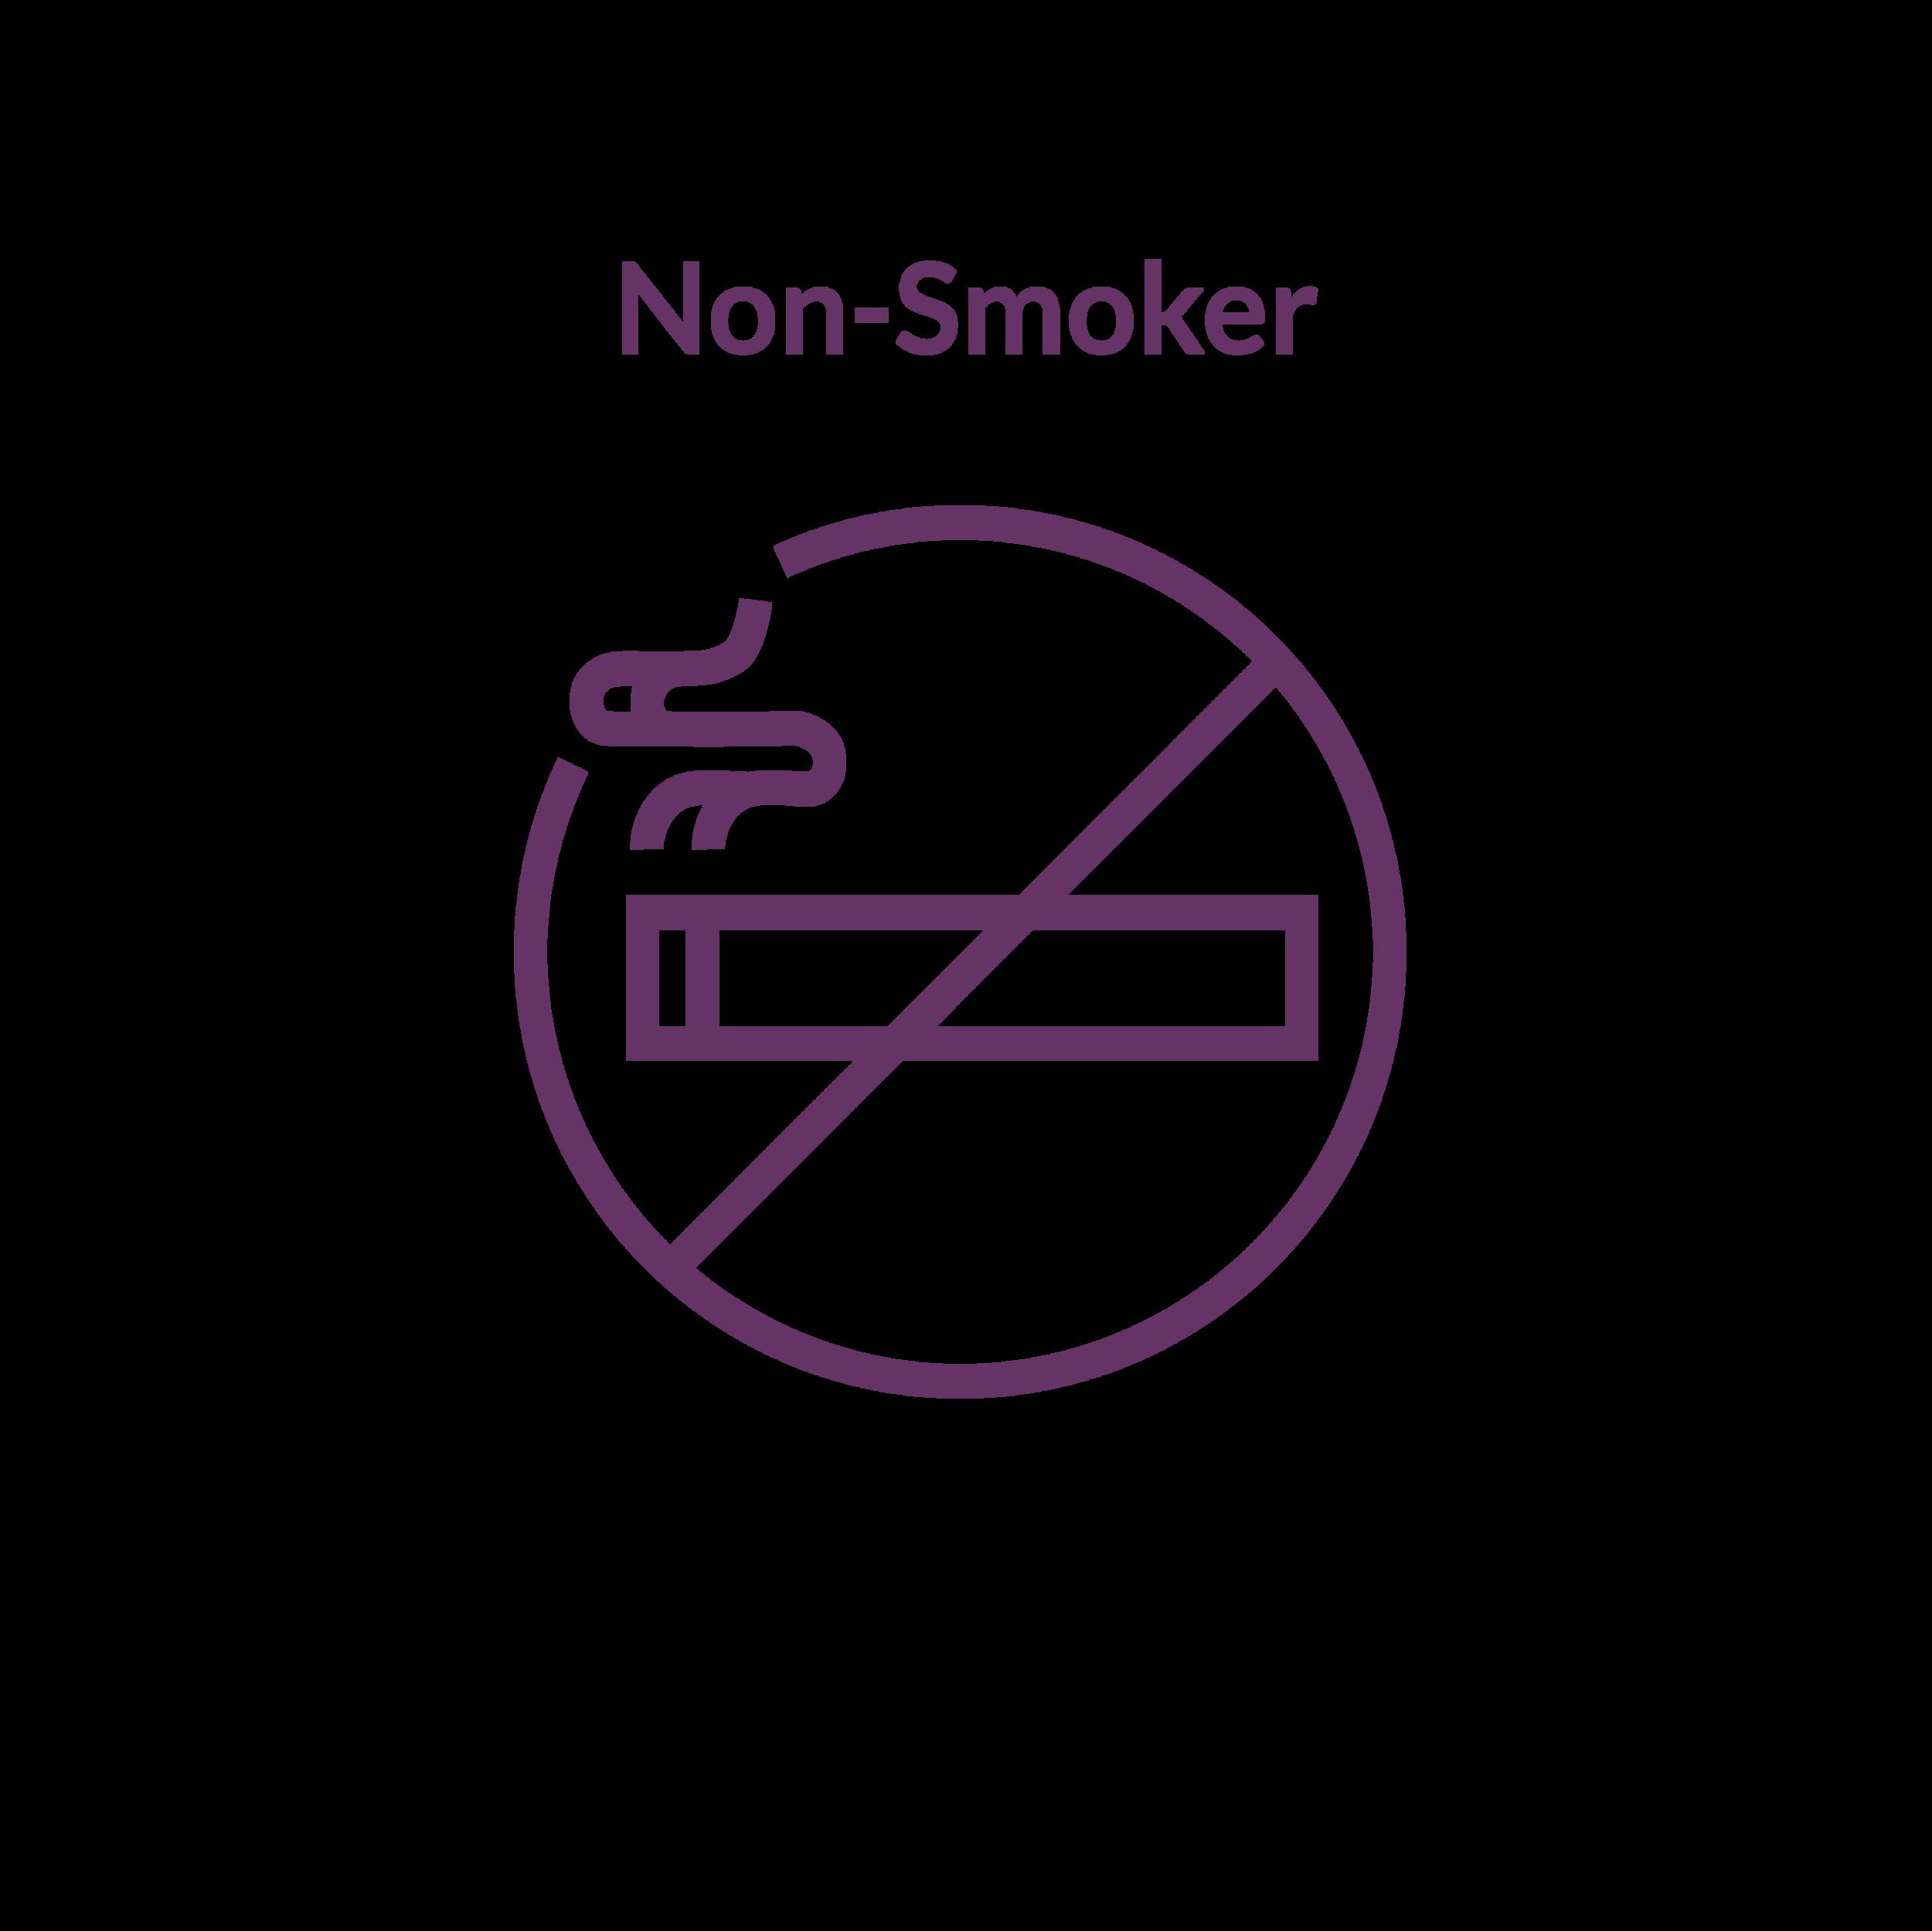 nosmoking-01.png